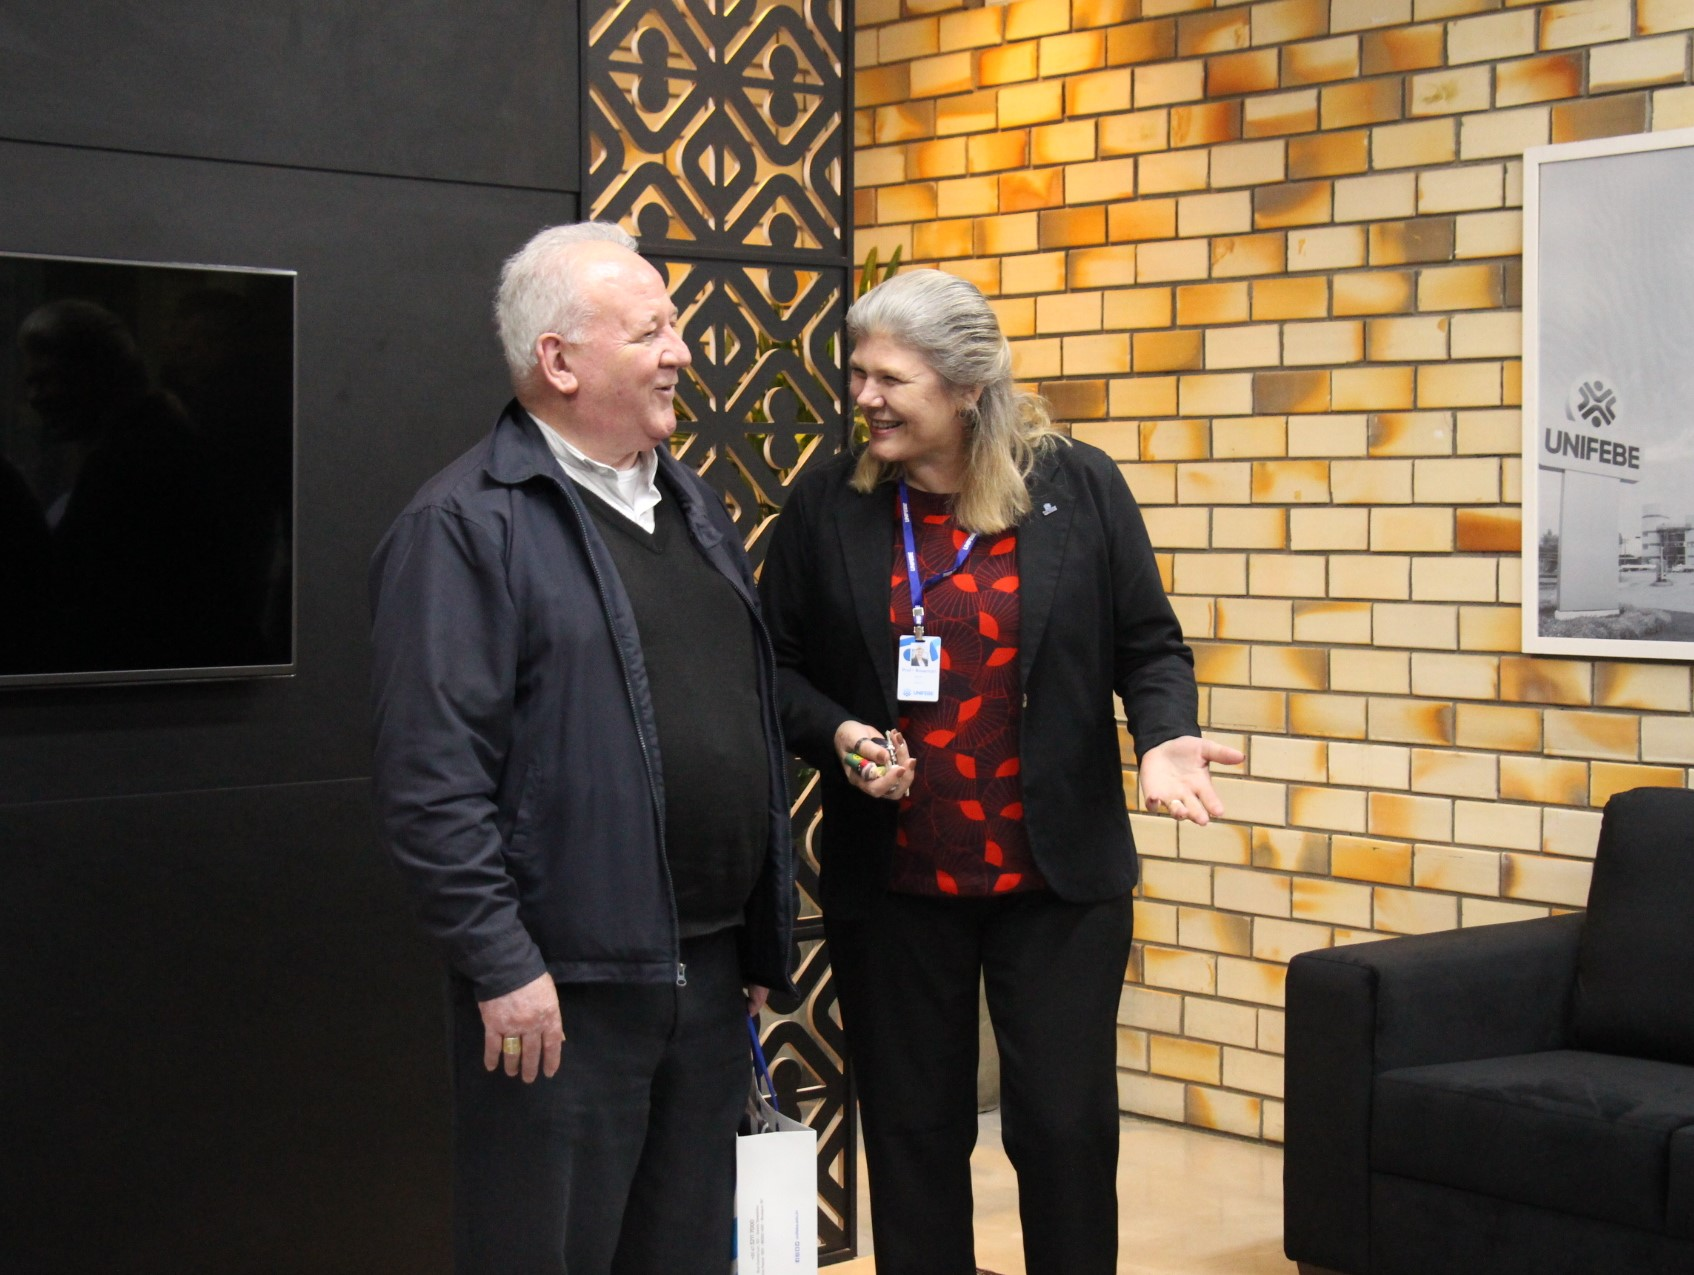 Arcebispo de Florianópolis visita a UNIFEBE